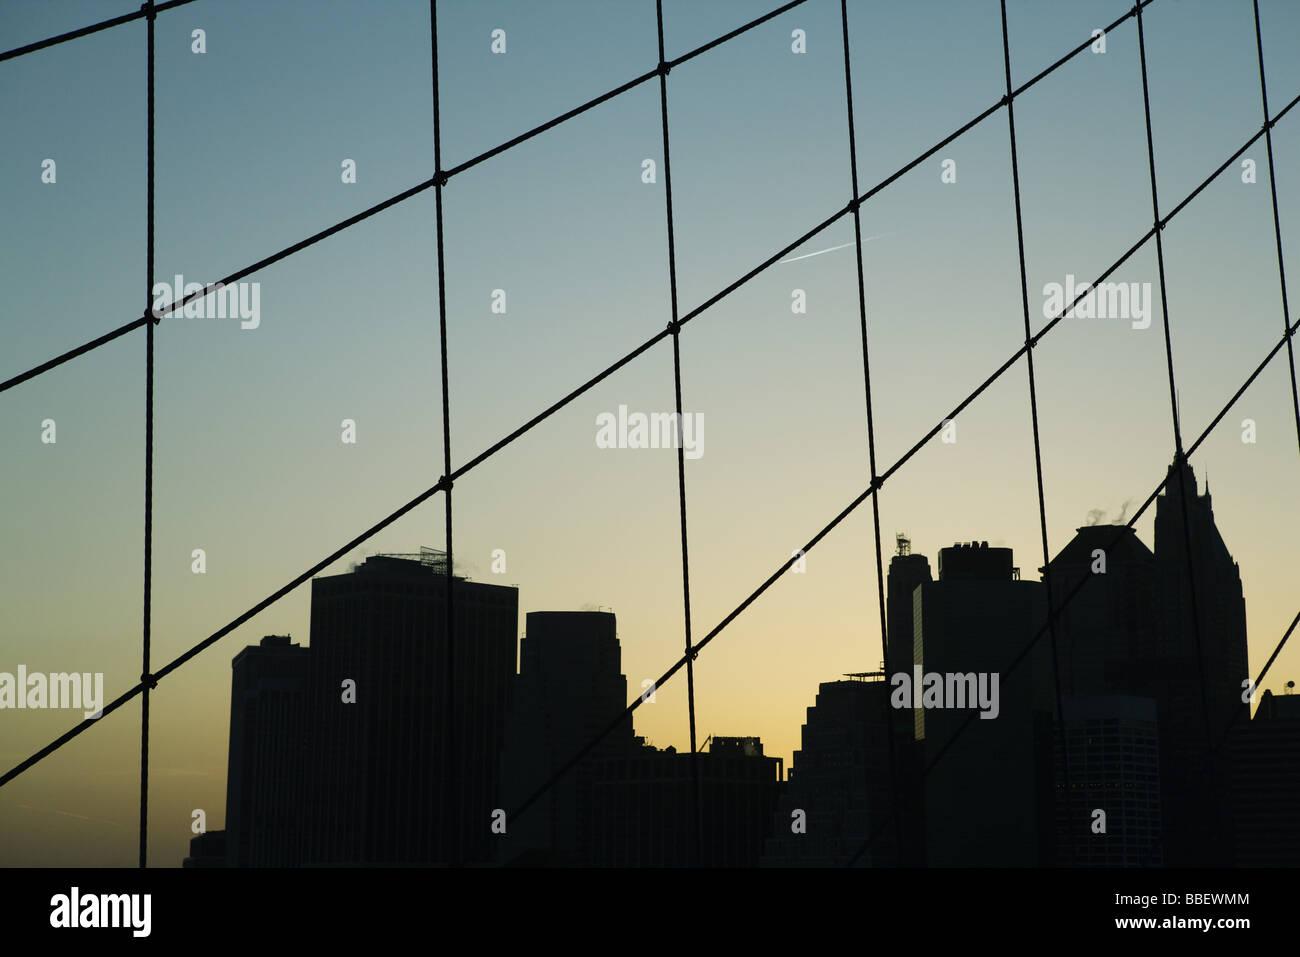 Estados Unidos, la ciudad de Nueva York, la silueta de Manhattan vistos a través del Puente de Brooklyn Imagen De Stock